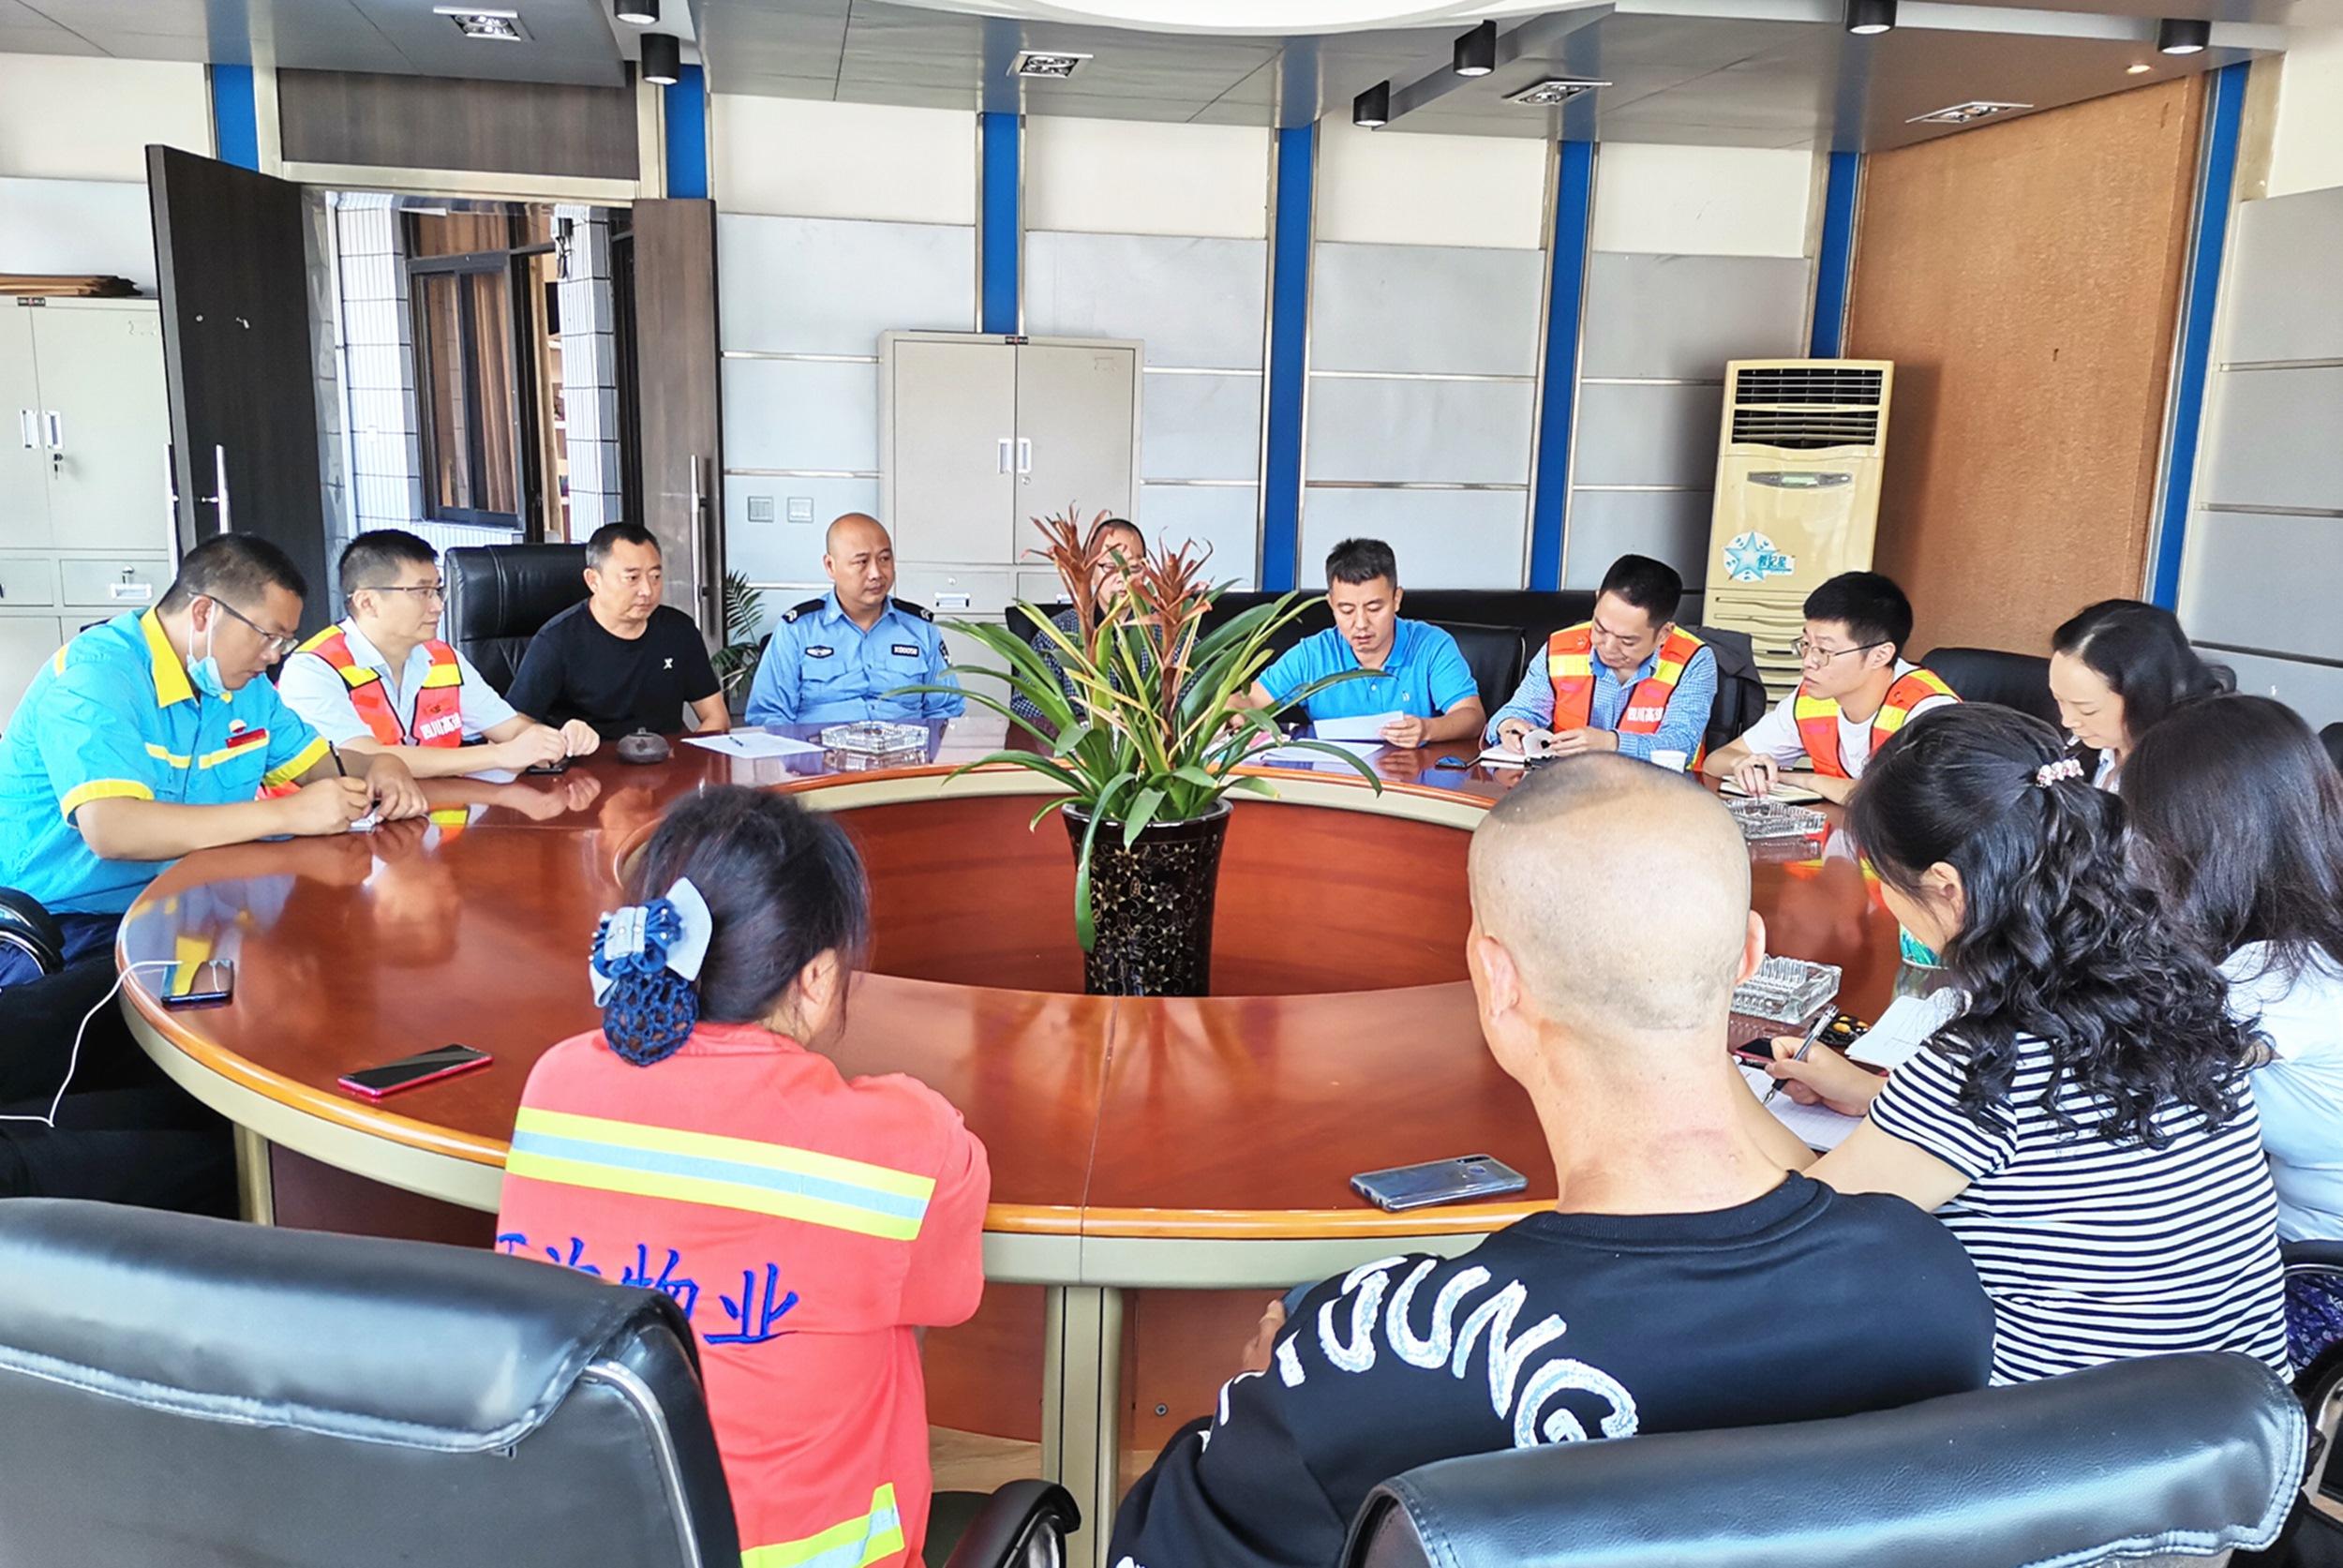 贝博正网贝博app手机版简阳北停车区召开国庆中秋节前动员会